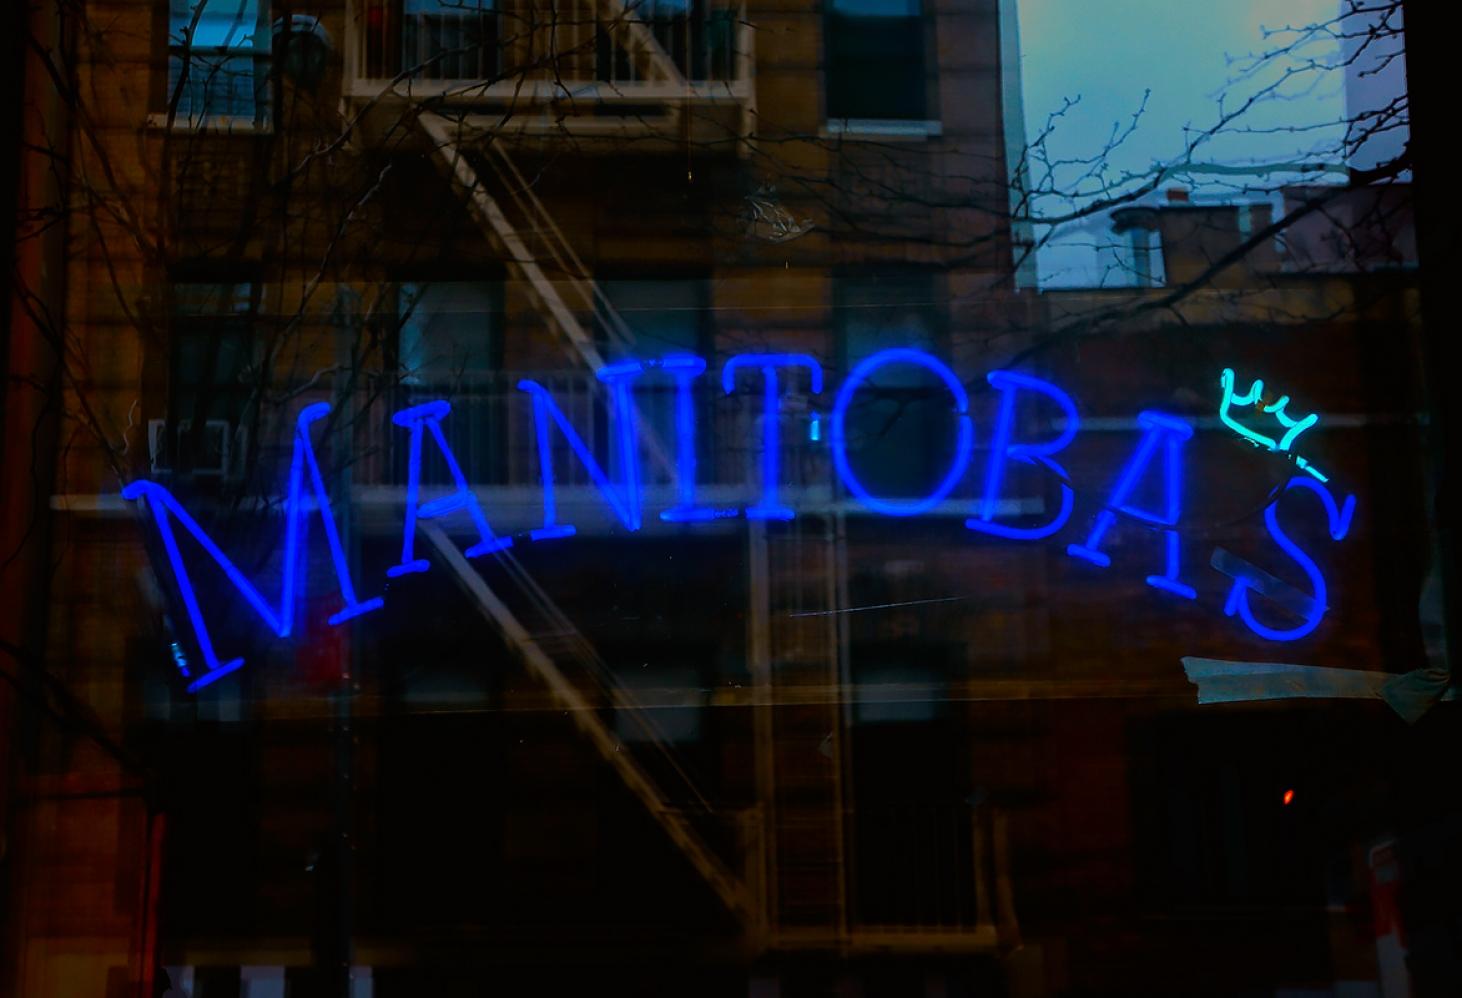 Бар Manitoba's, Нью-Йорк